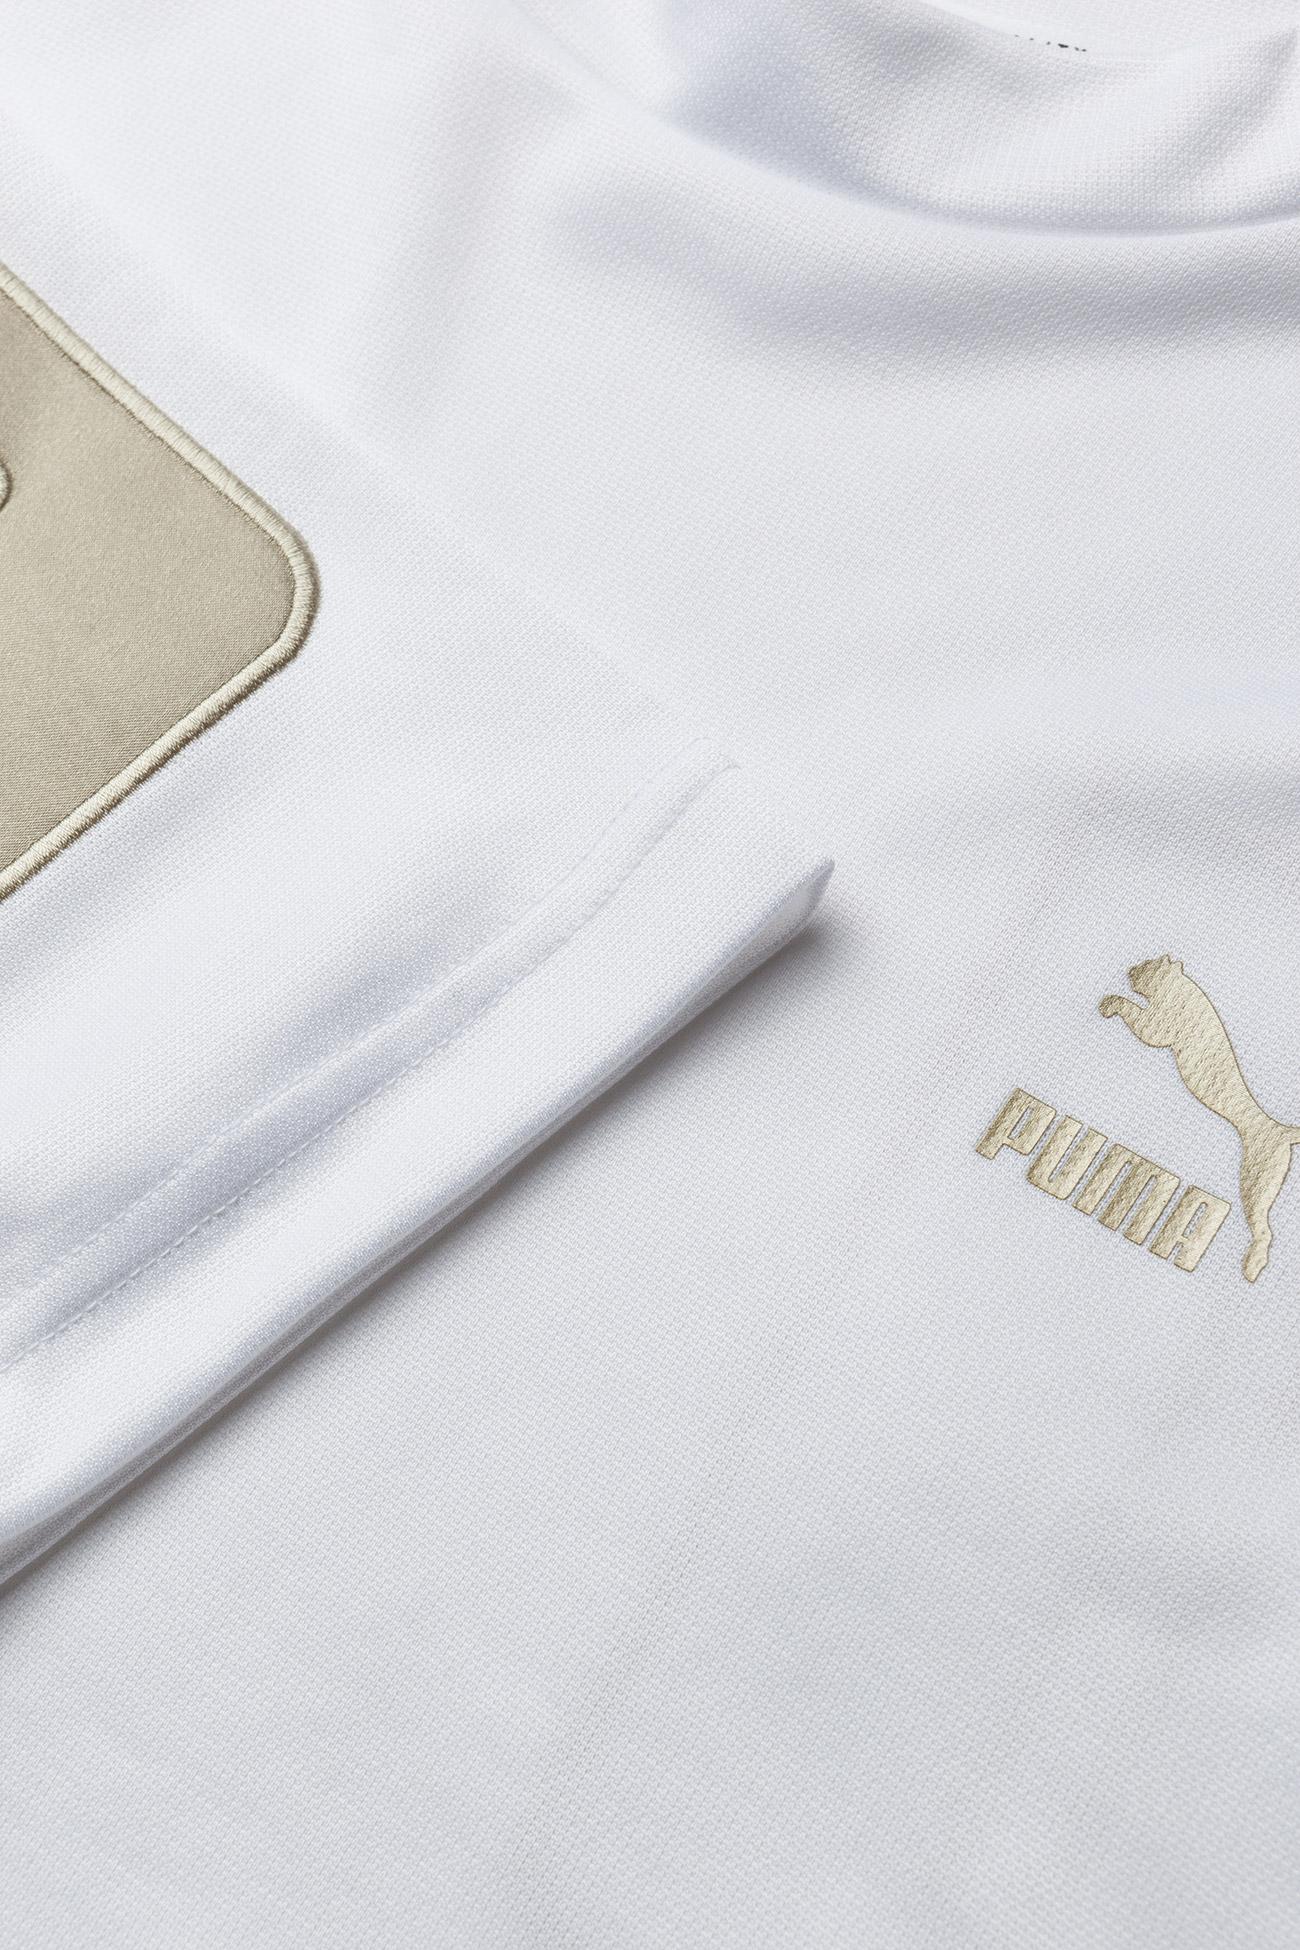 Retro Top (Puma White) (225 kr) - PUMA